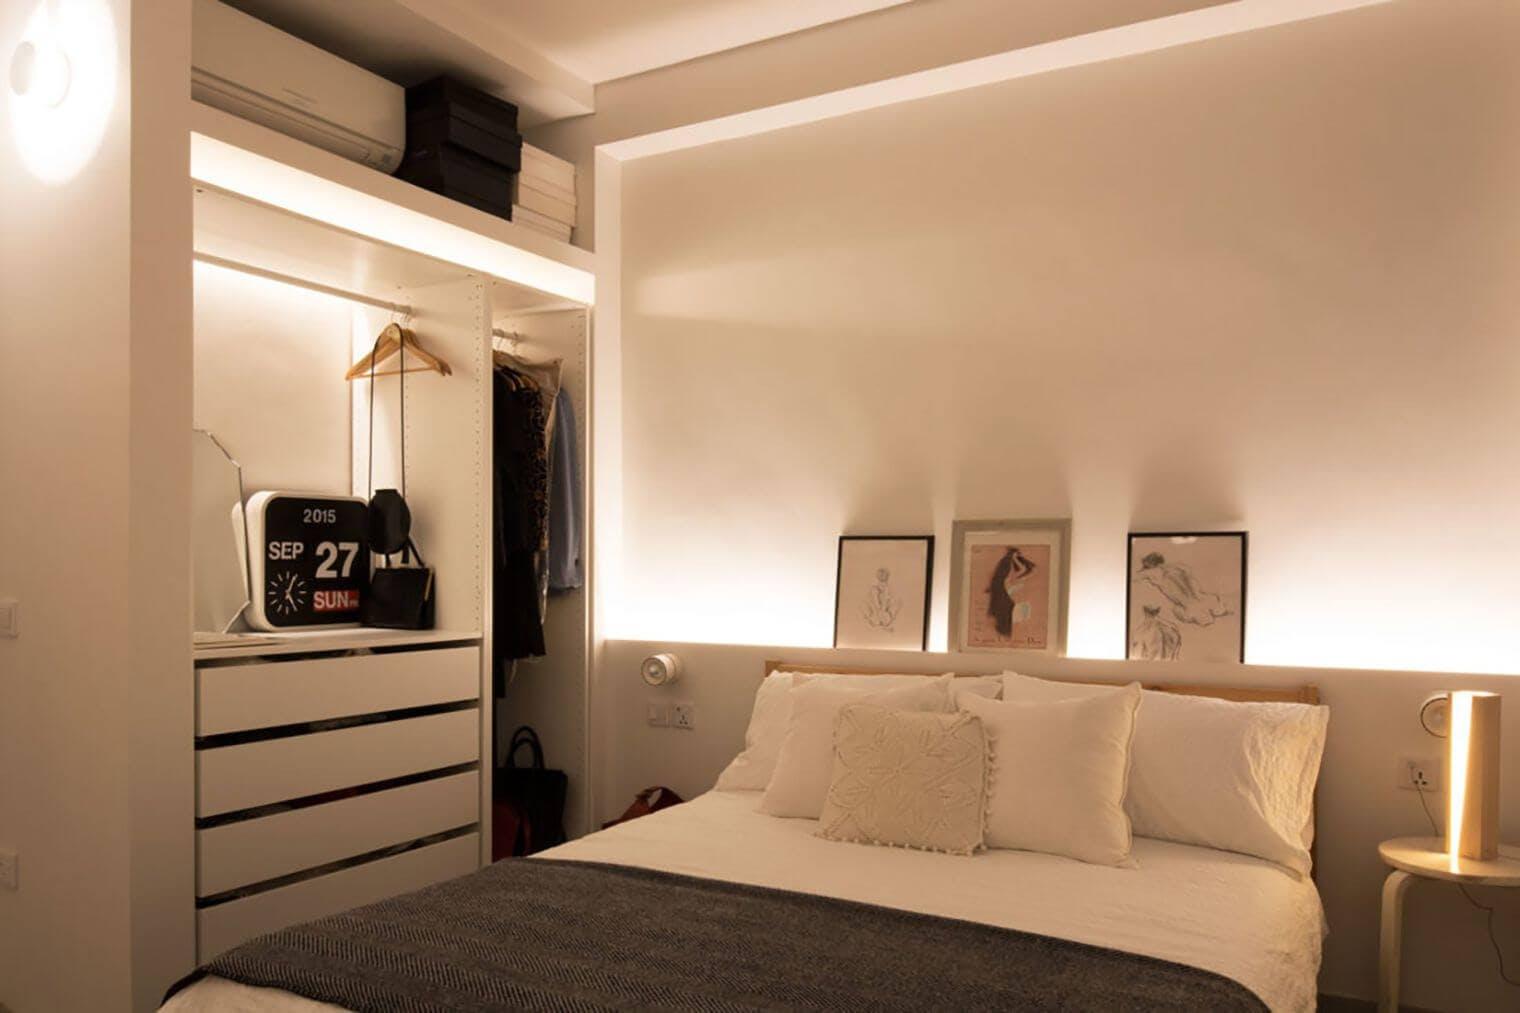 Chambre rénovée avec lumière tamisée